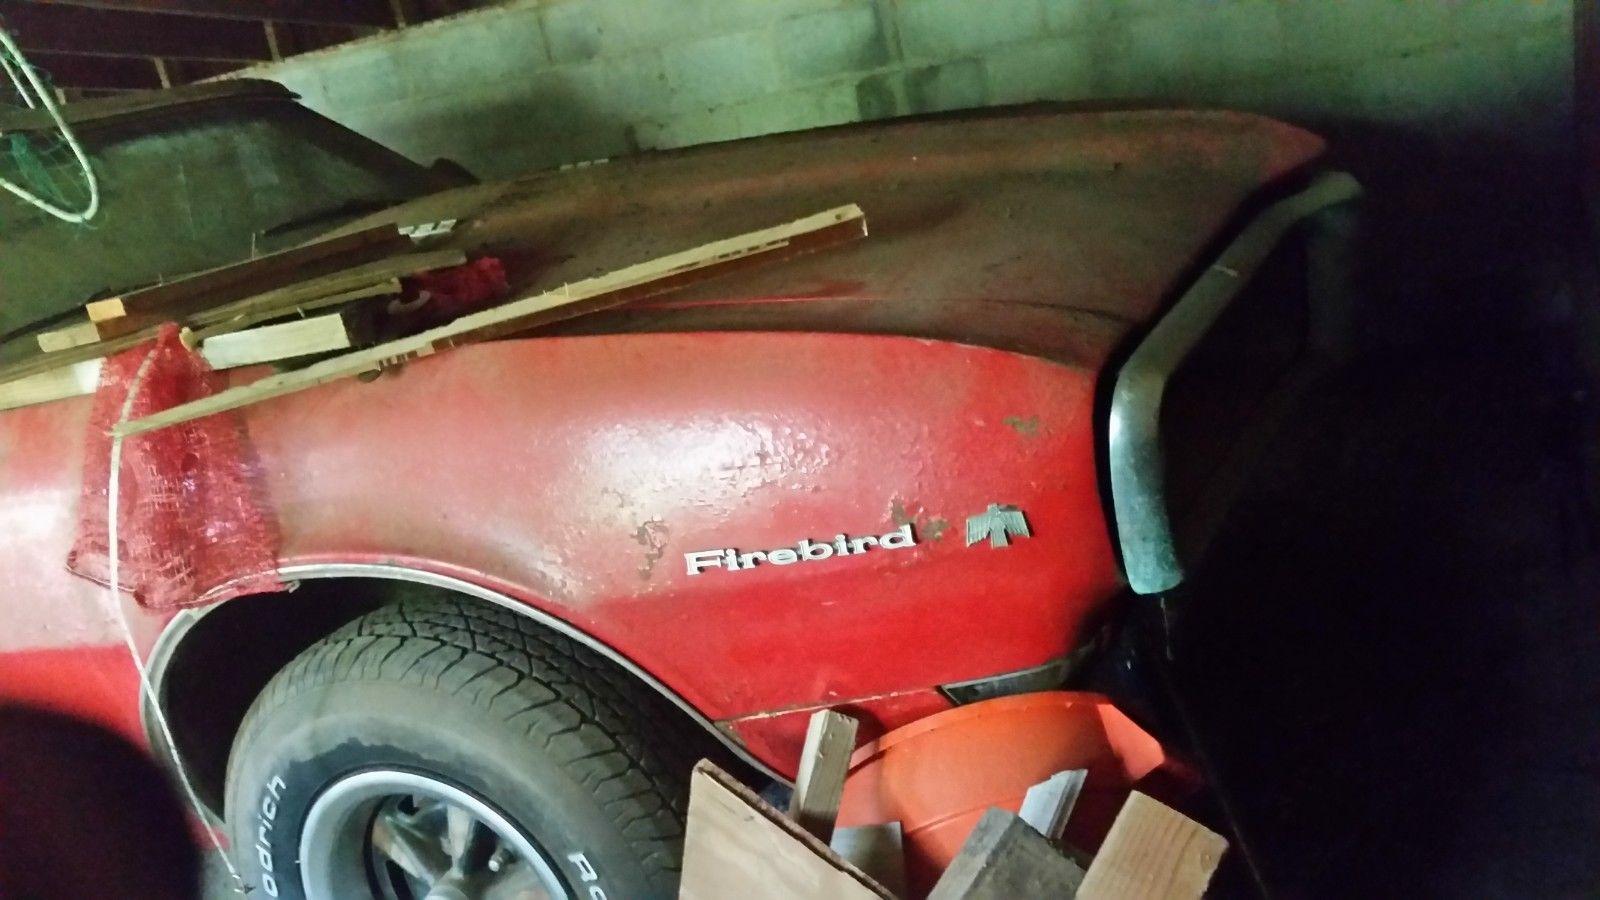 1968 Pontiac Firebird front quarter panel